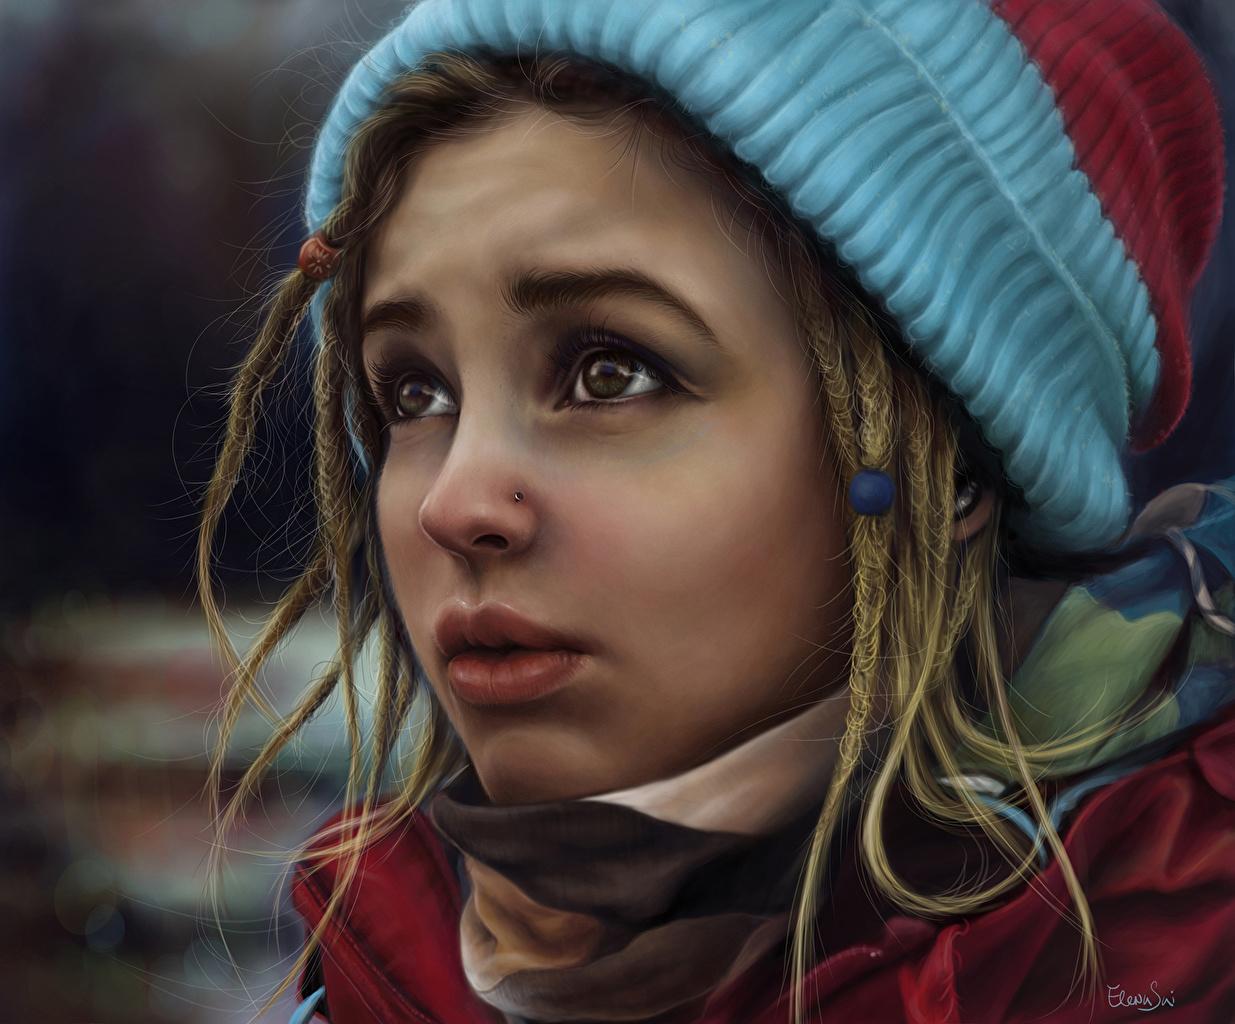 Фотографии Лицо шапка молодые женщины смотрит Рисованные лица Шапки в шапке девушка Девушки молодая женщина Взгляд смотрят